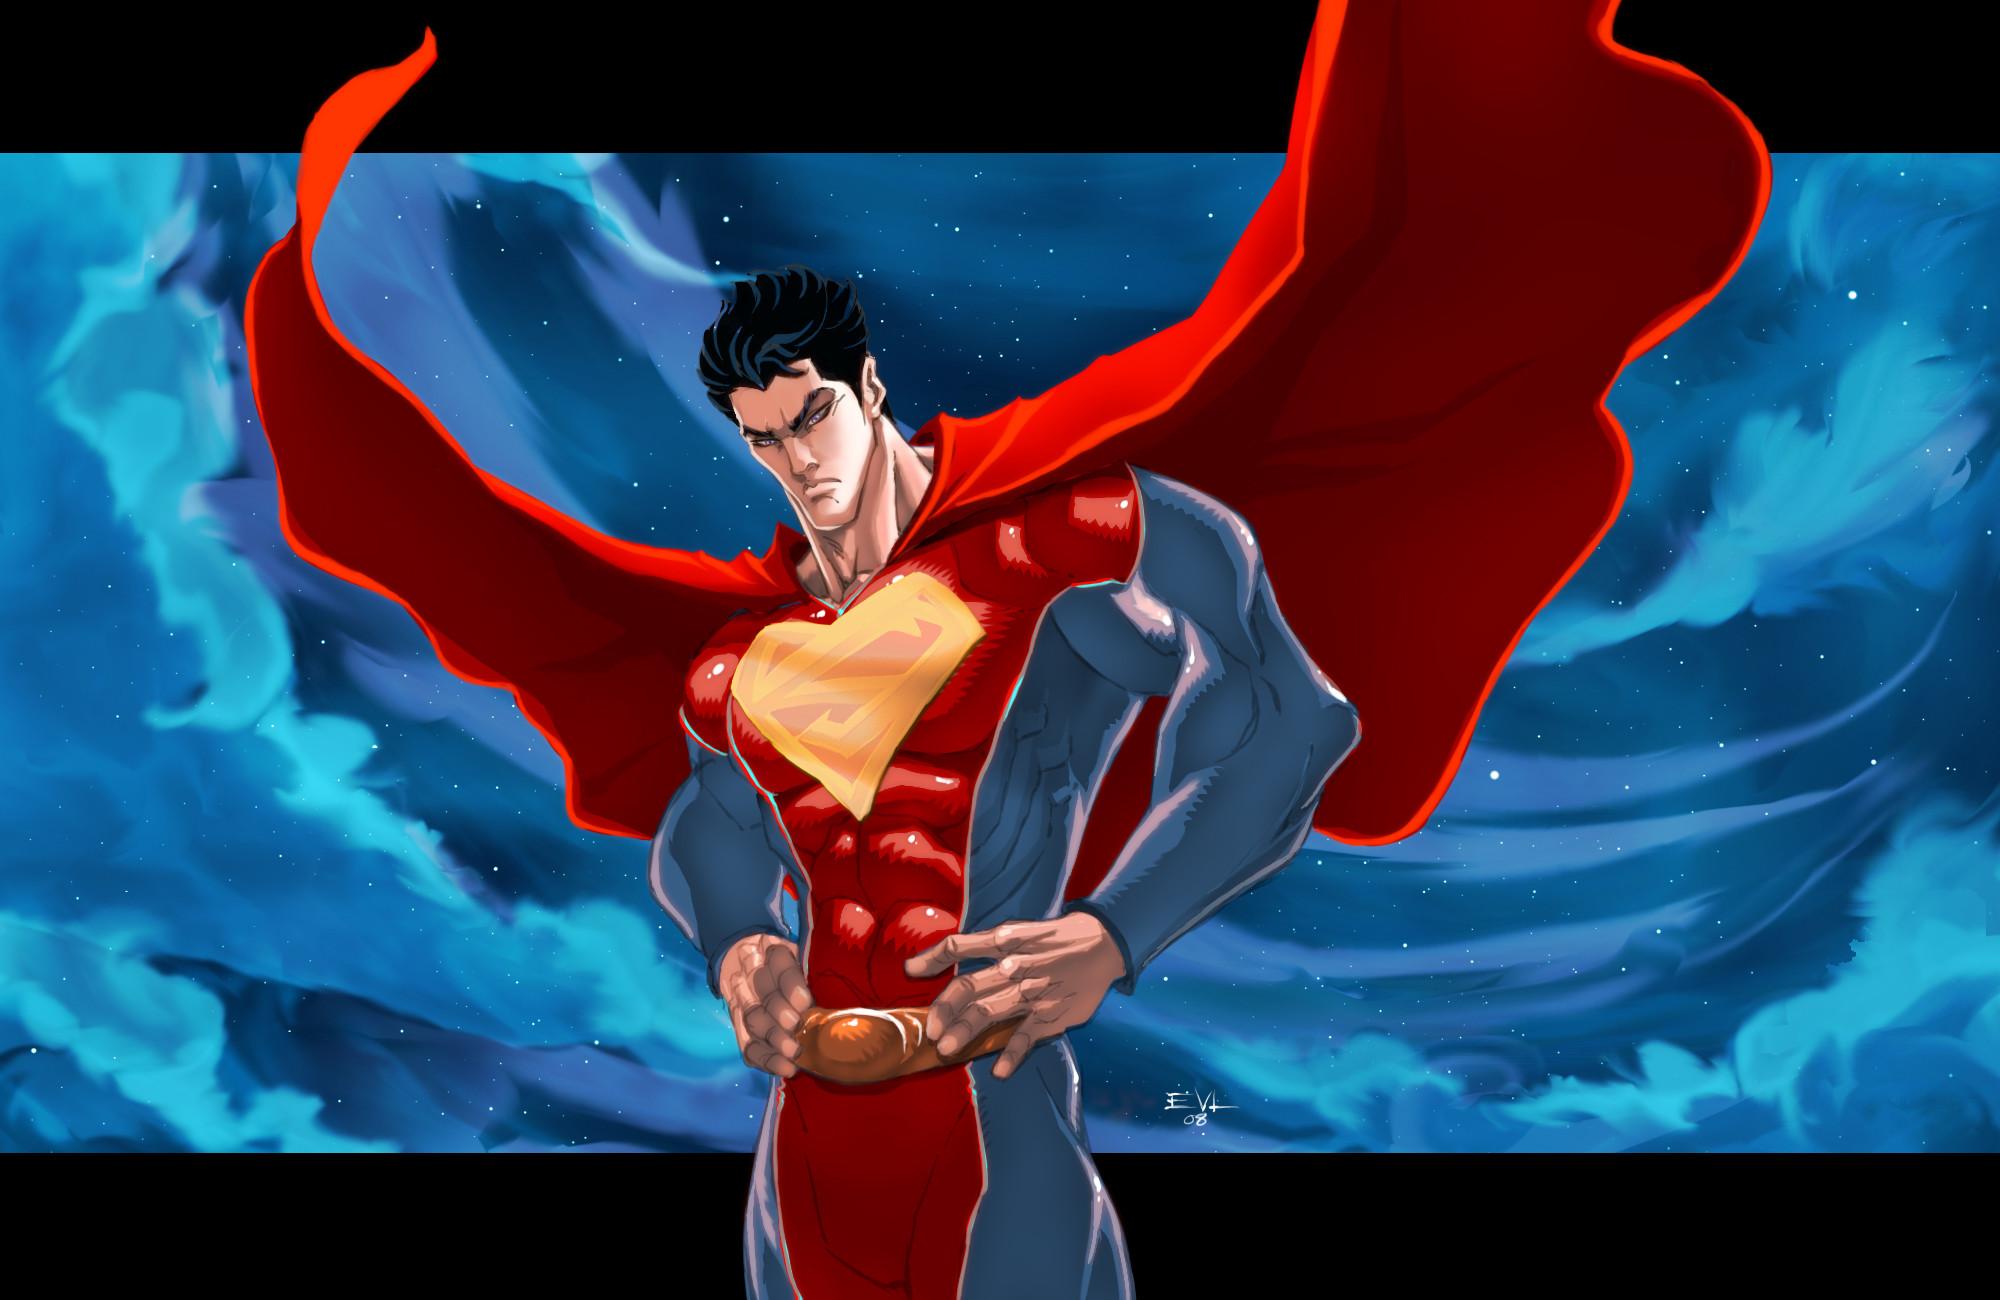 Res: 2000x1300, Comics - Superman Wallpaper